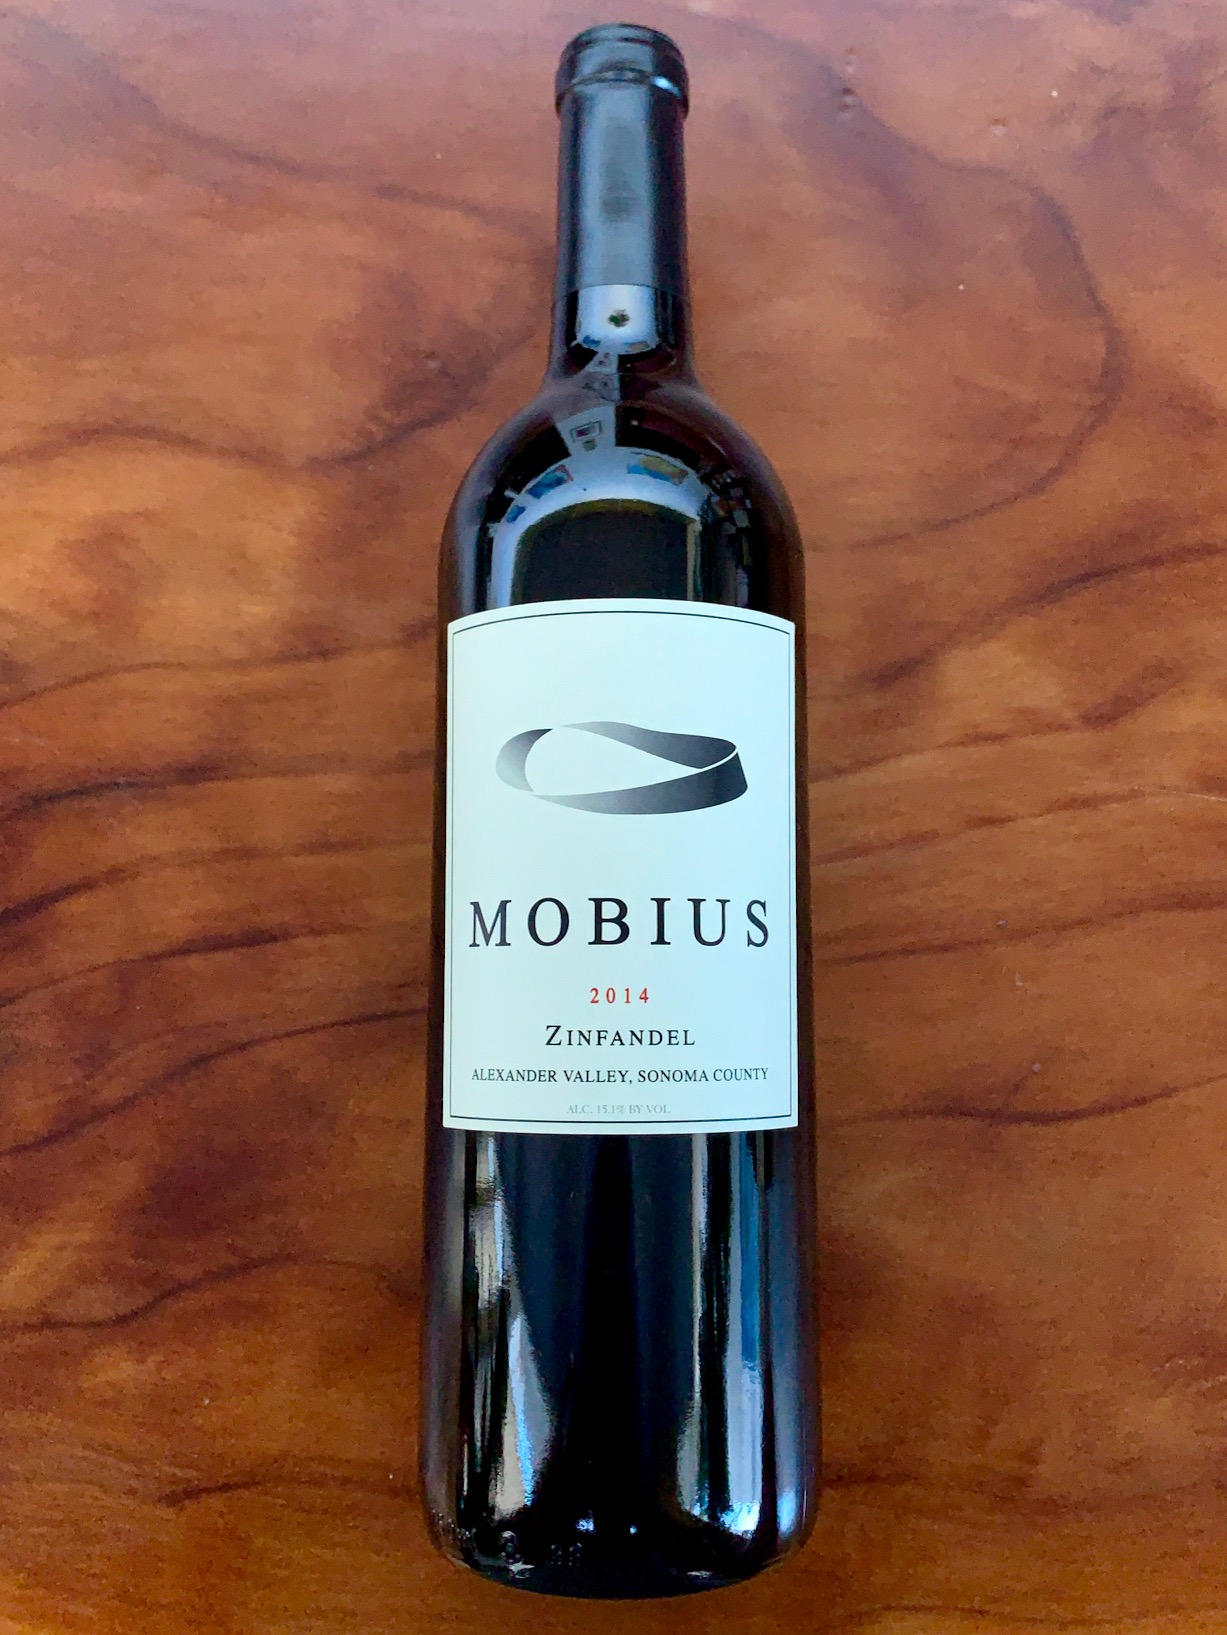 2014 Mobius Alexander Valley Zinfandel